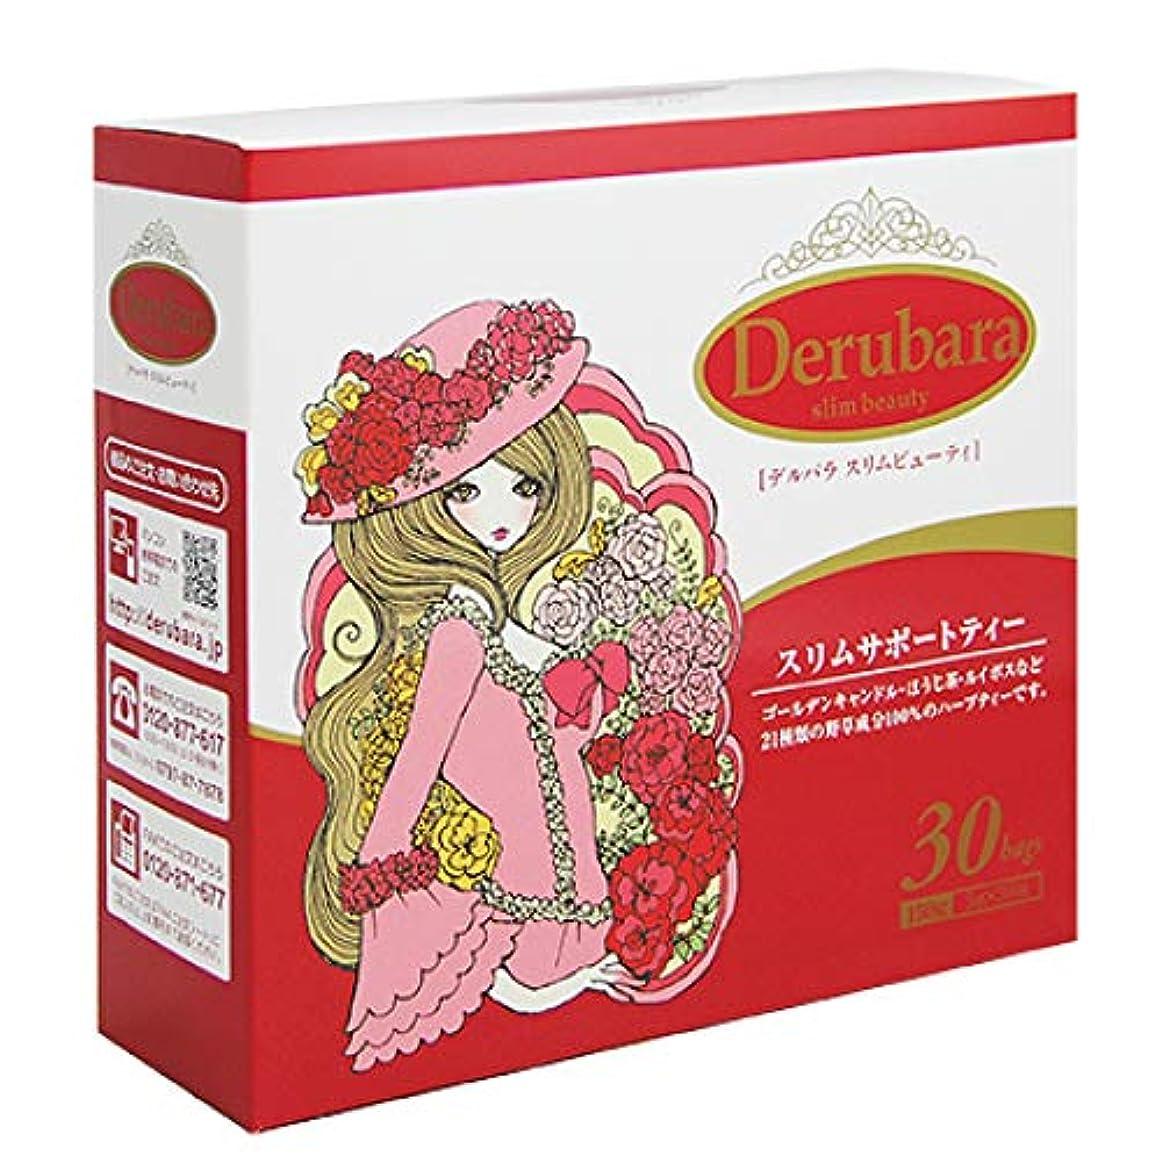 ジュニア適応する写真を描くデルバラスリムビューティ お徳3箱セット (1包5g×30包入)×3箱 朝スッキリ! キャンドルブッシュ お茶